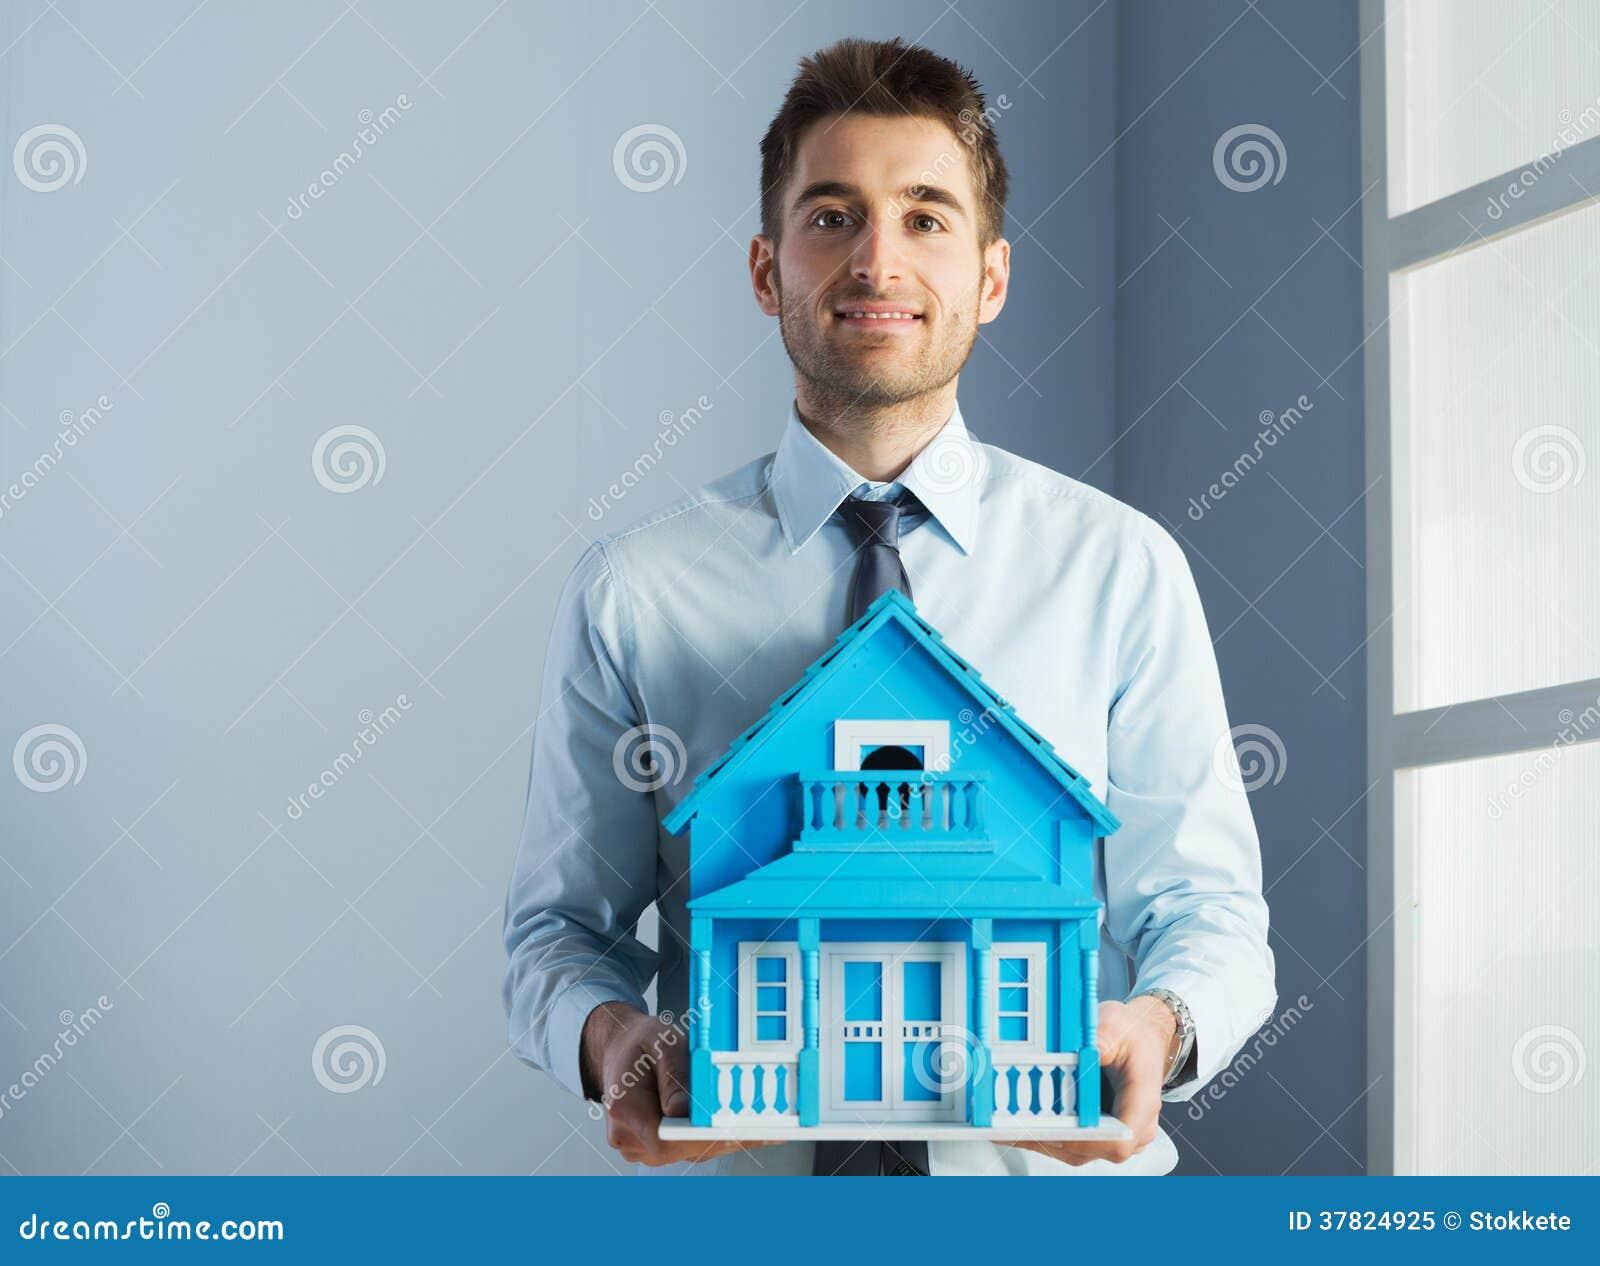 Mediador imobiliário com casa modelo